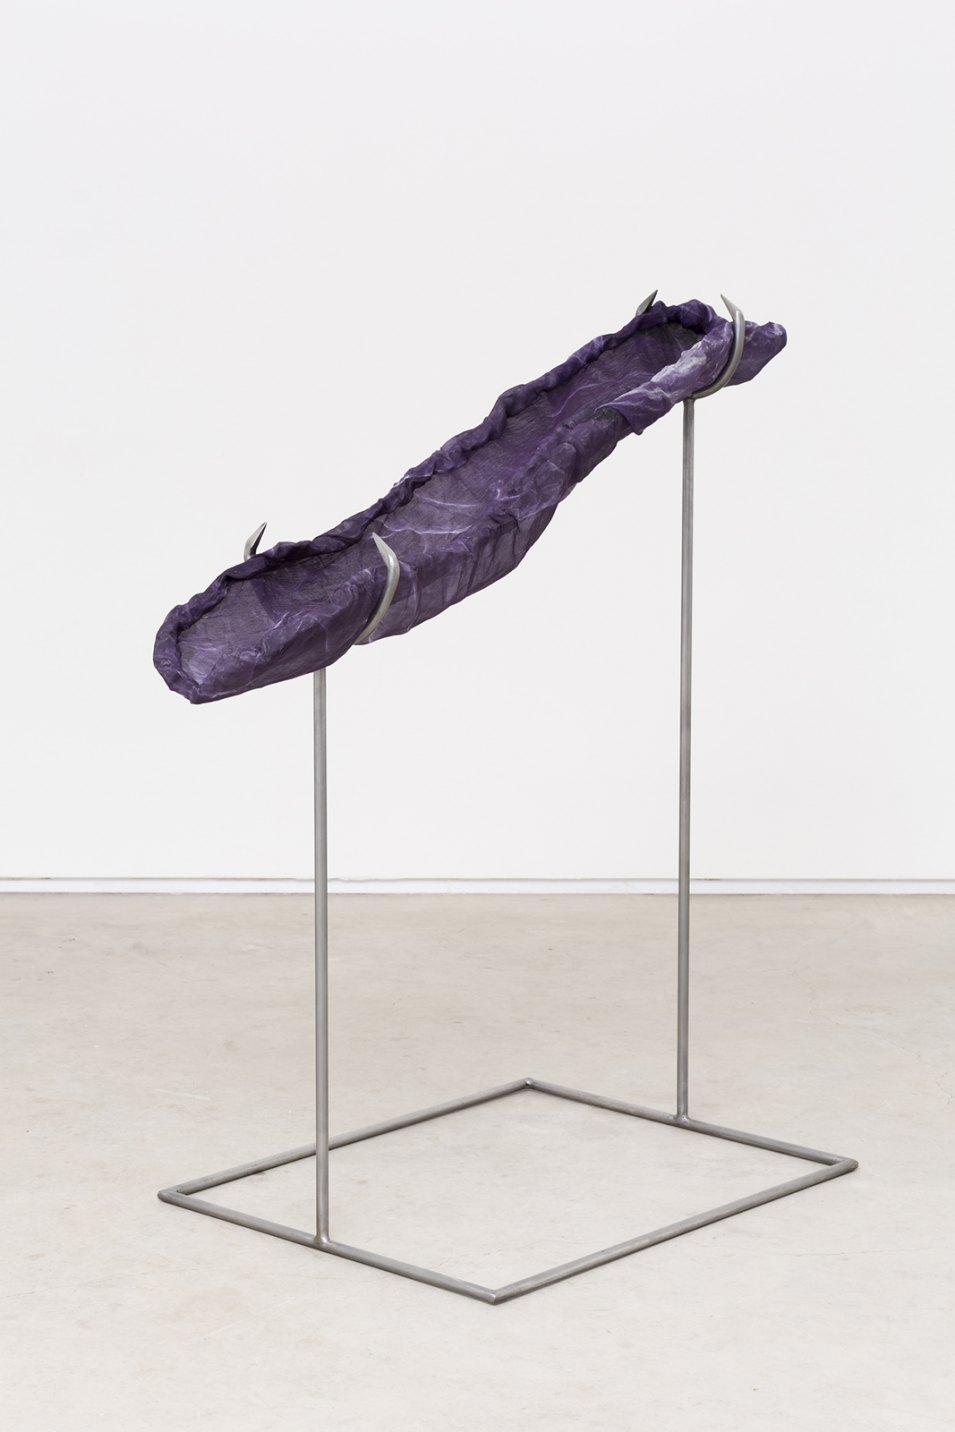 Felipe Meres, <em>Weave Weavers Weave</em>, 2017, micrógrafo eletrônico, impressão de pigmento em seda,alumínio tecido, aço polido, 119 × 61 × 114 cm - Mendes Wood DM